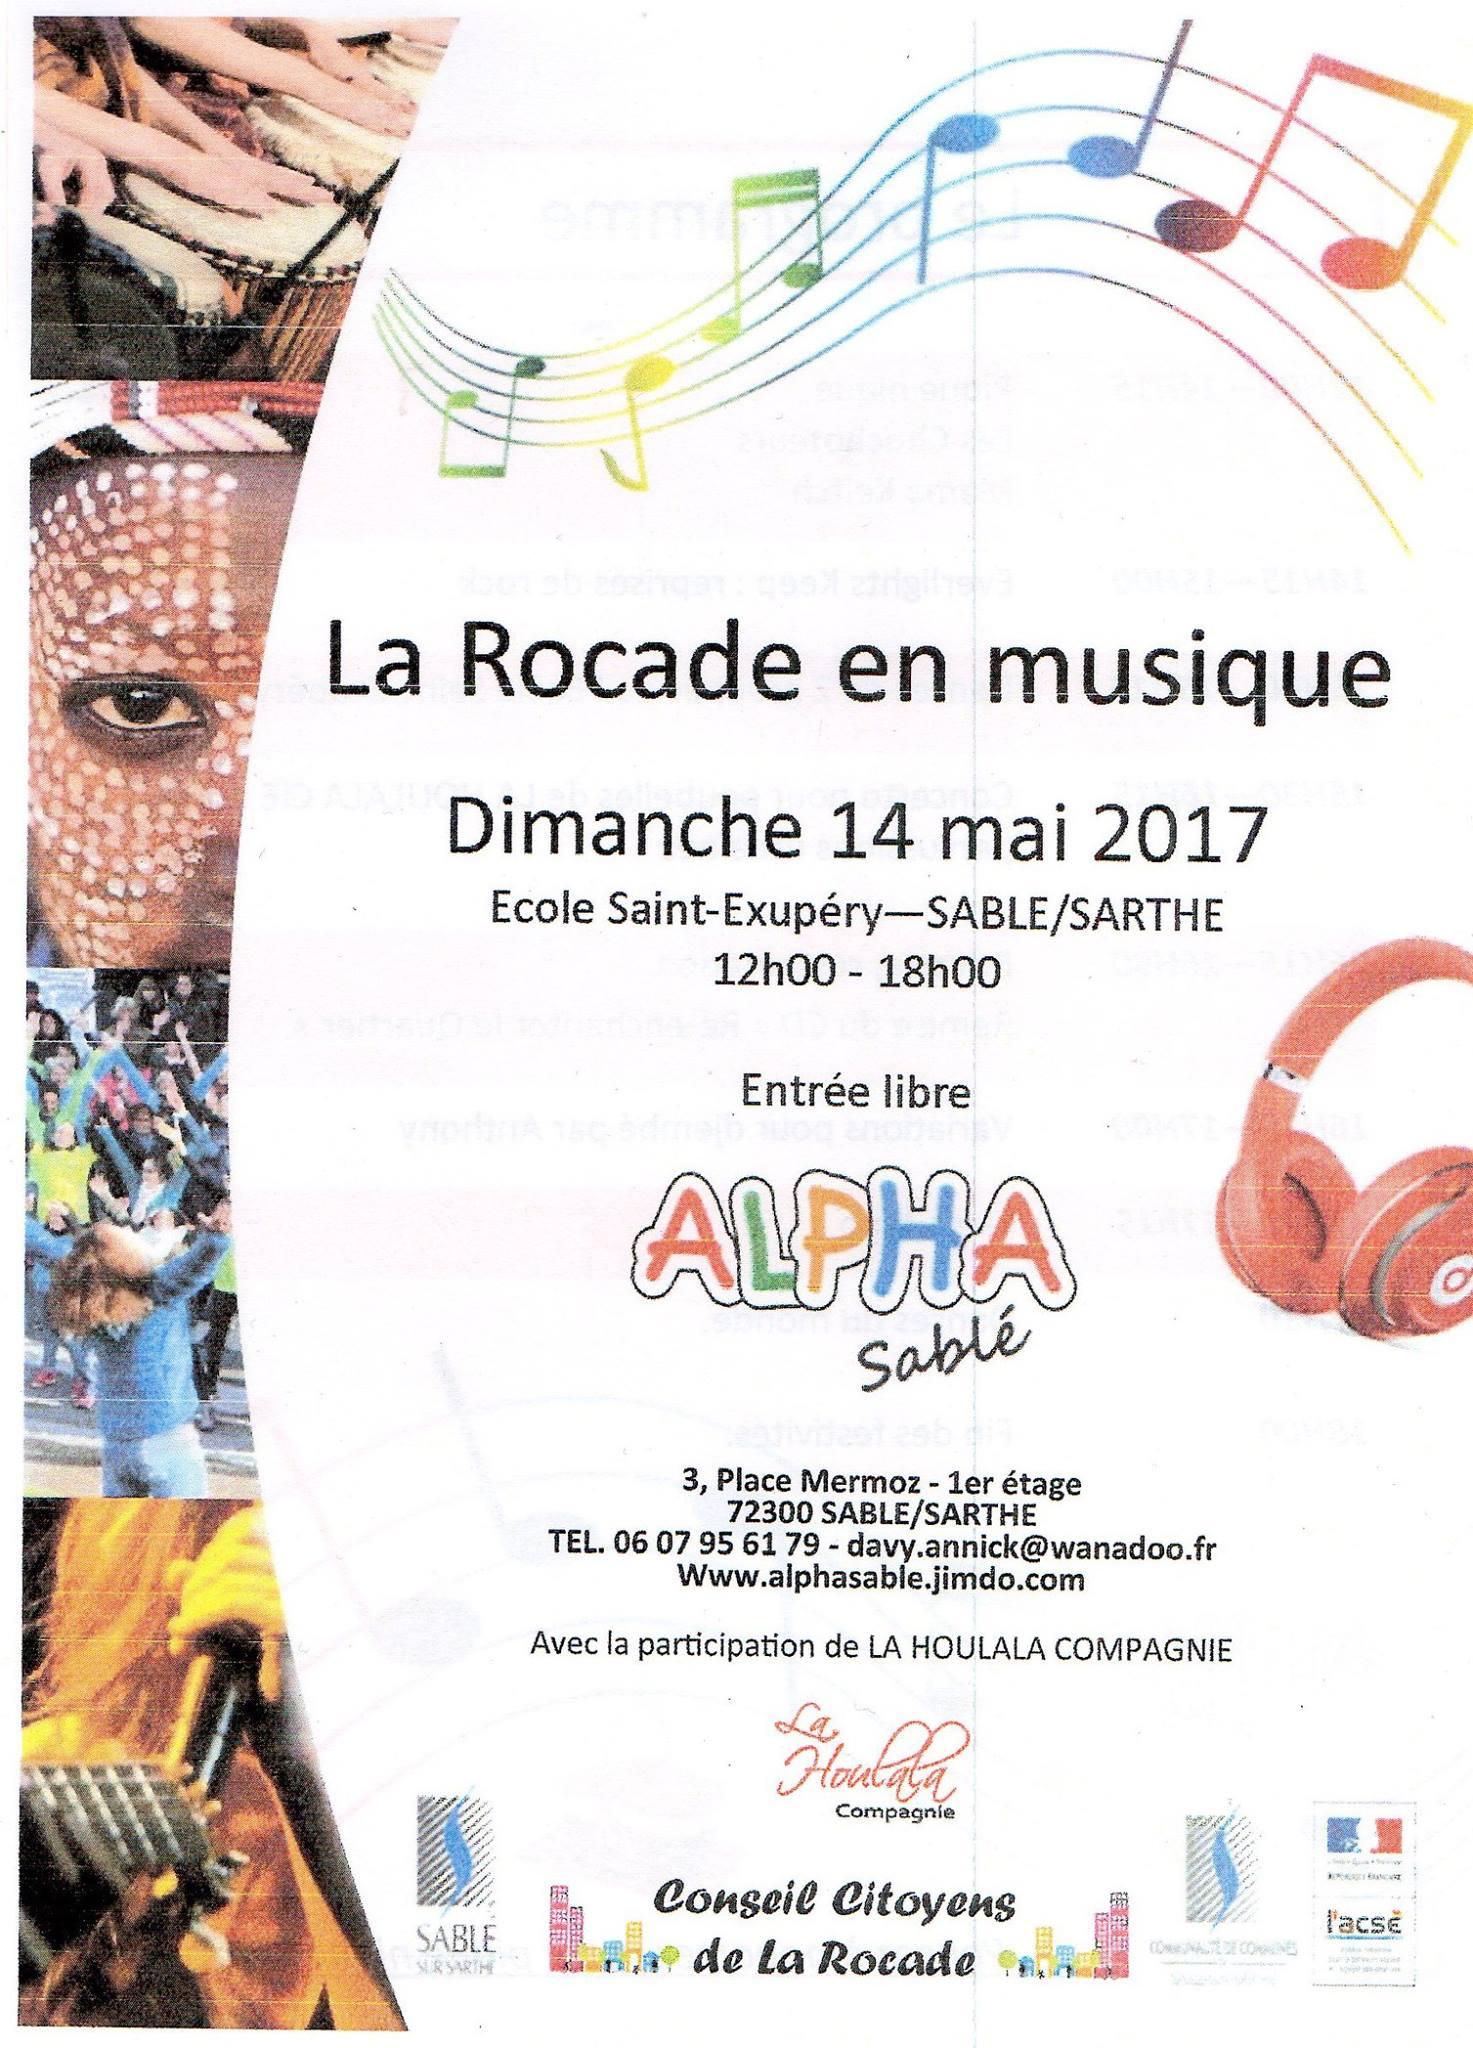 2017-05-14 La rocade en musique, Sablé-sur-Sarthe (1)